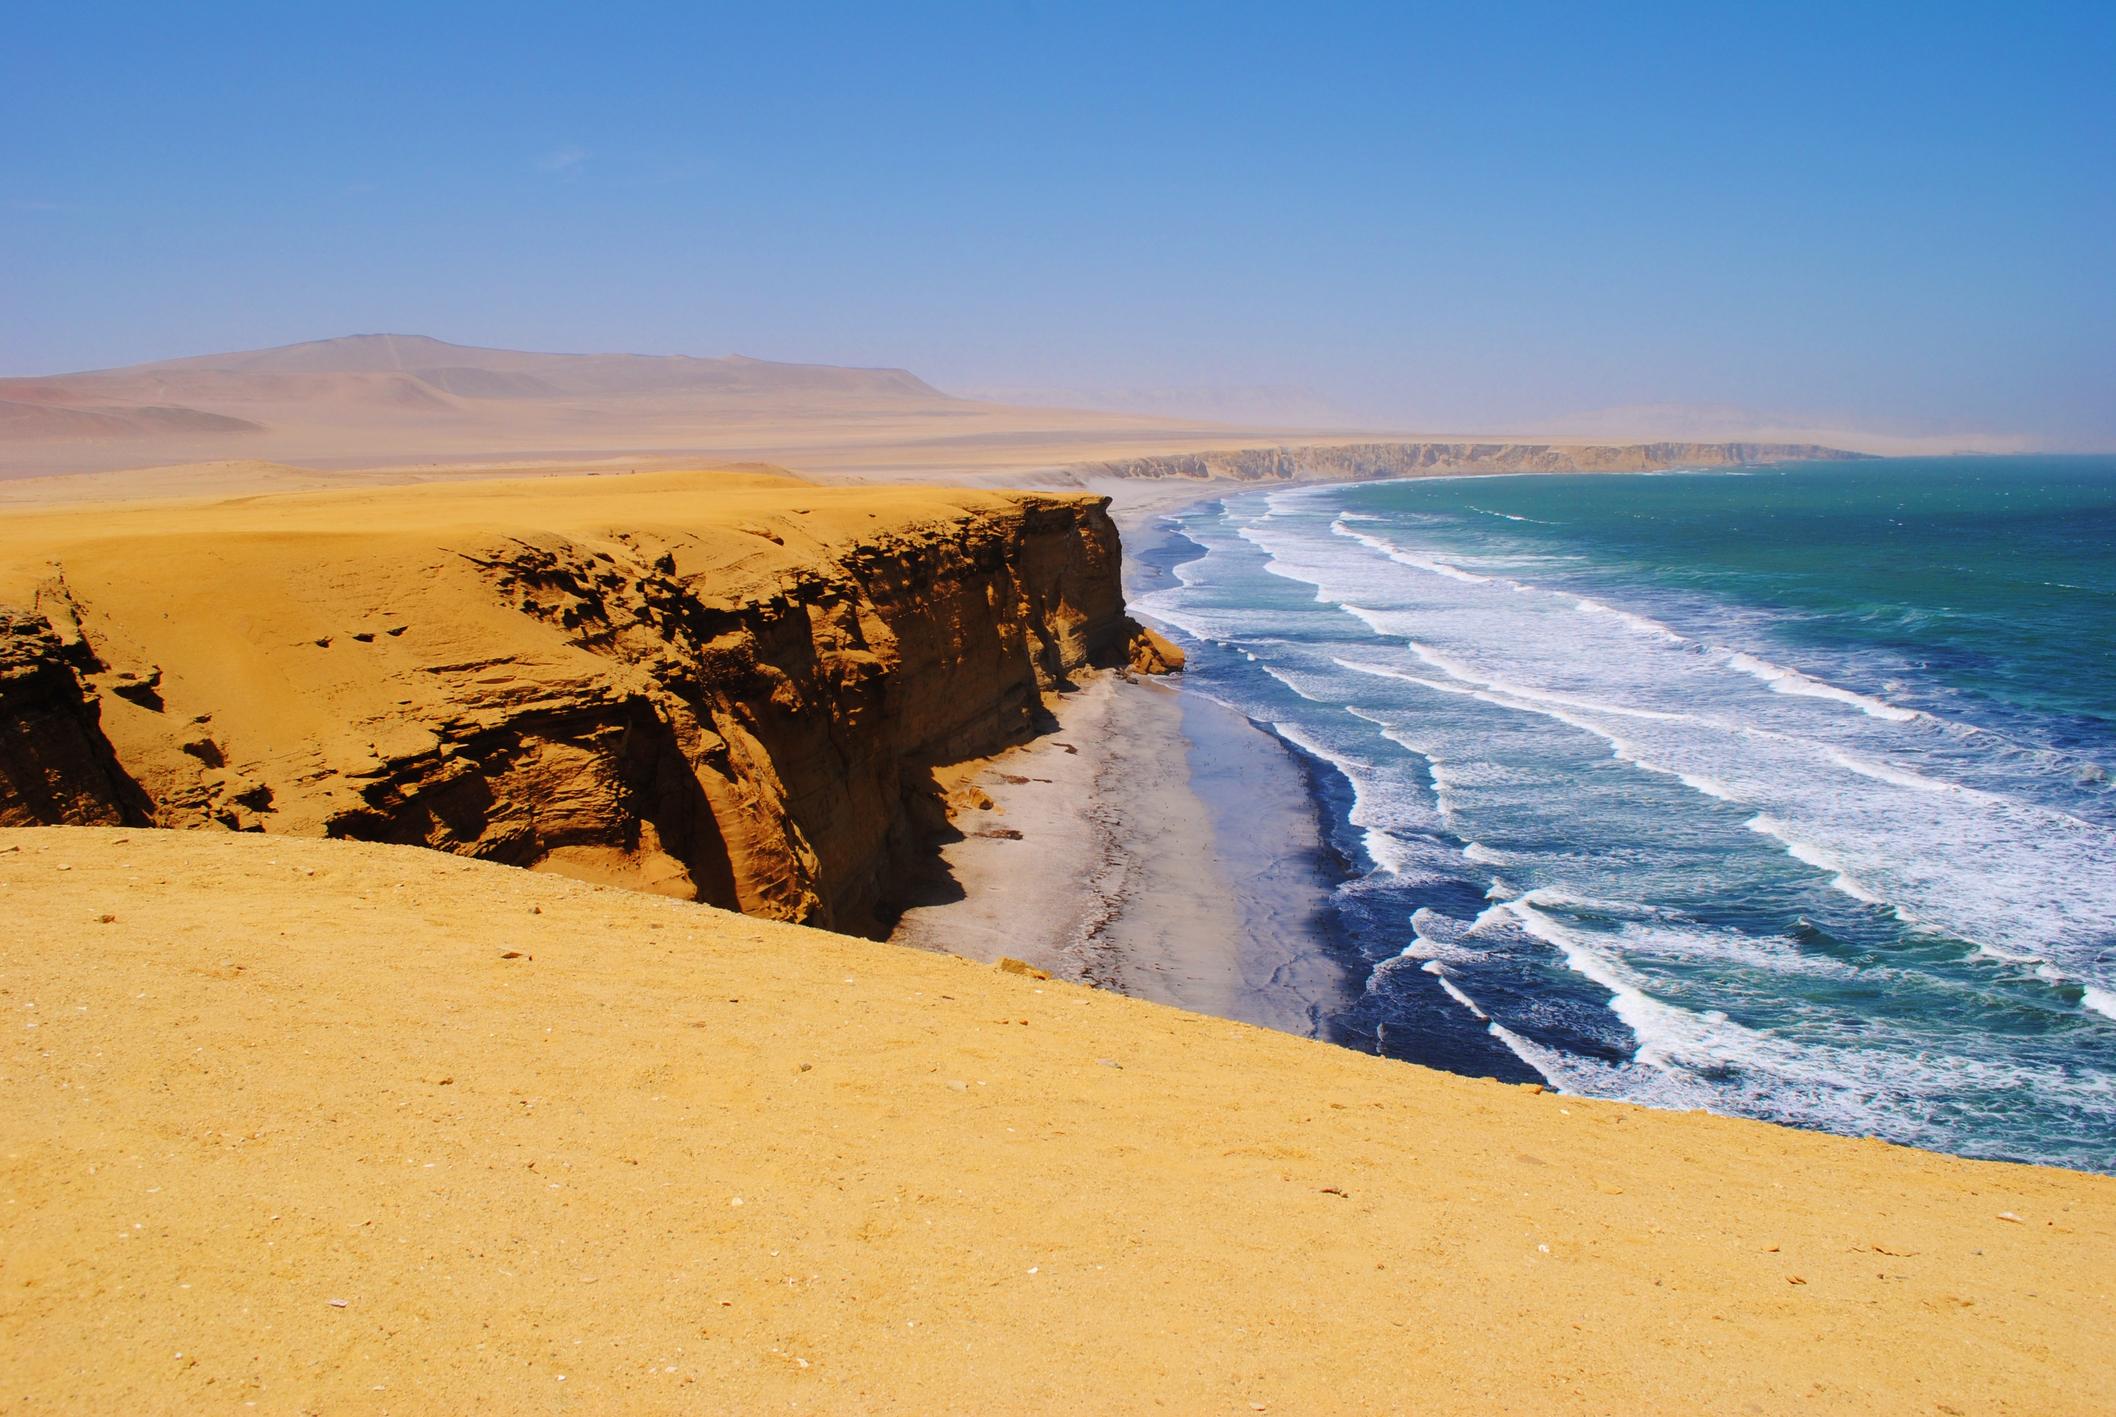 Recorre la mayor zona costera protegida de Perú - Perú Gran Viaje Lo mejor de Perú